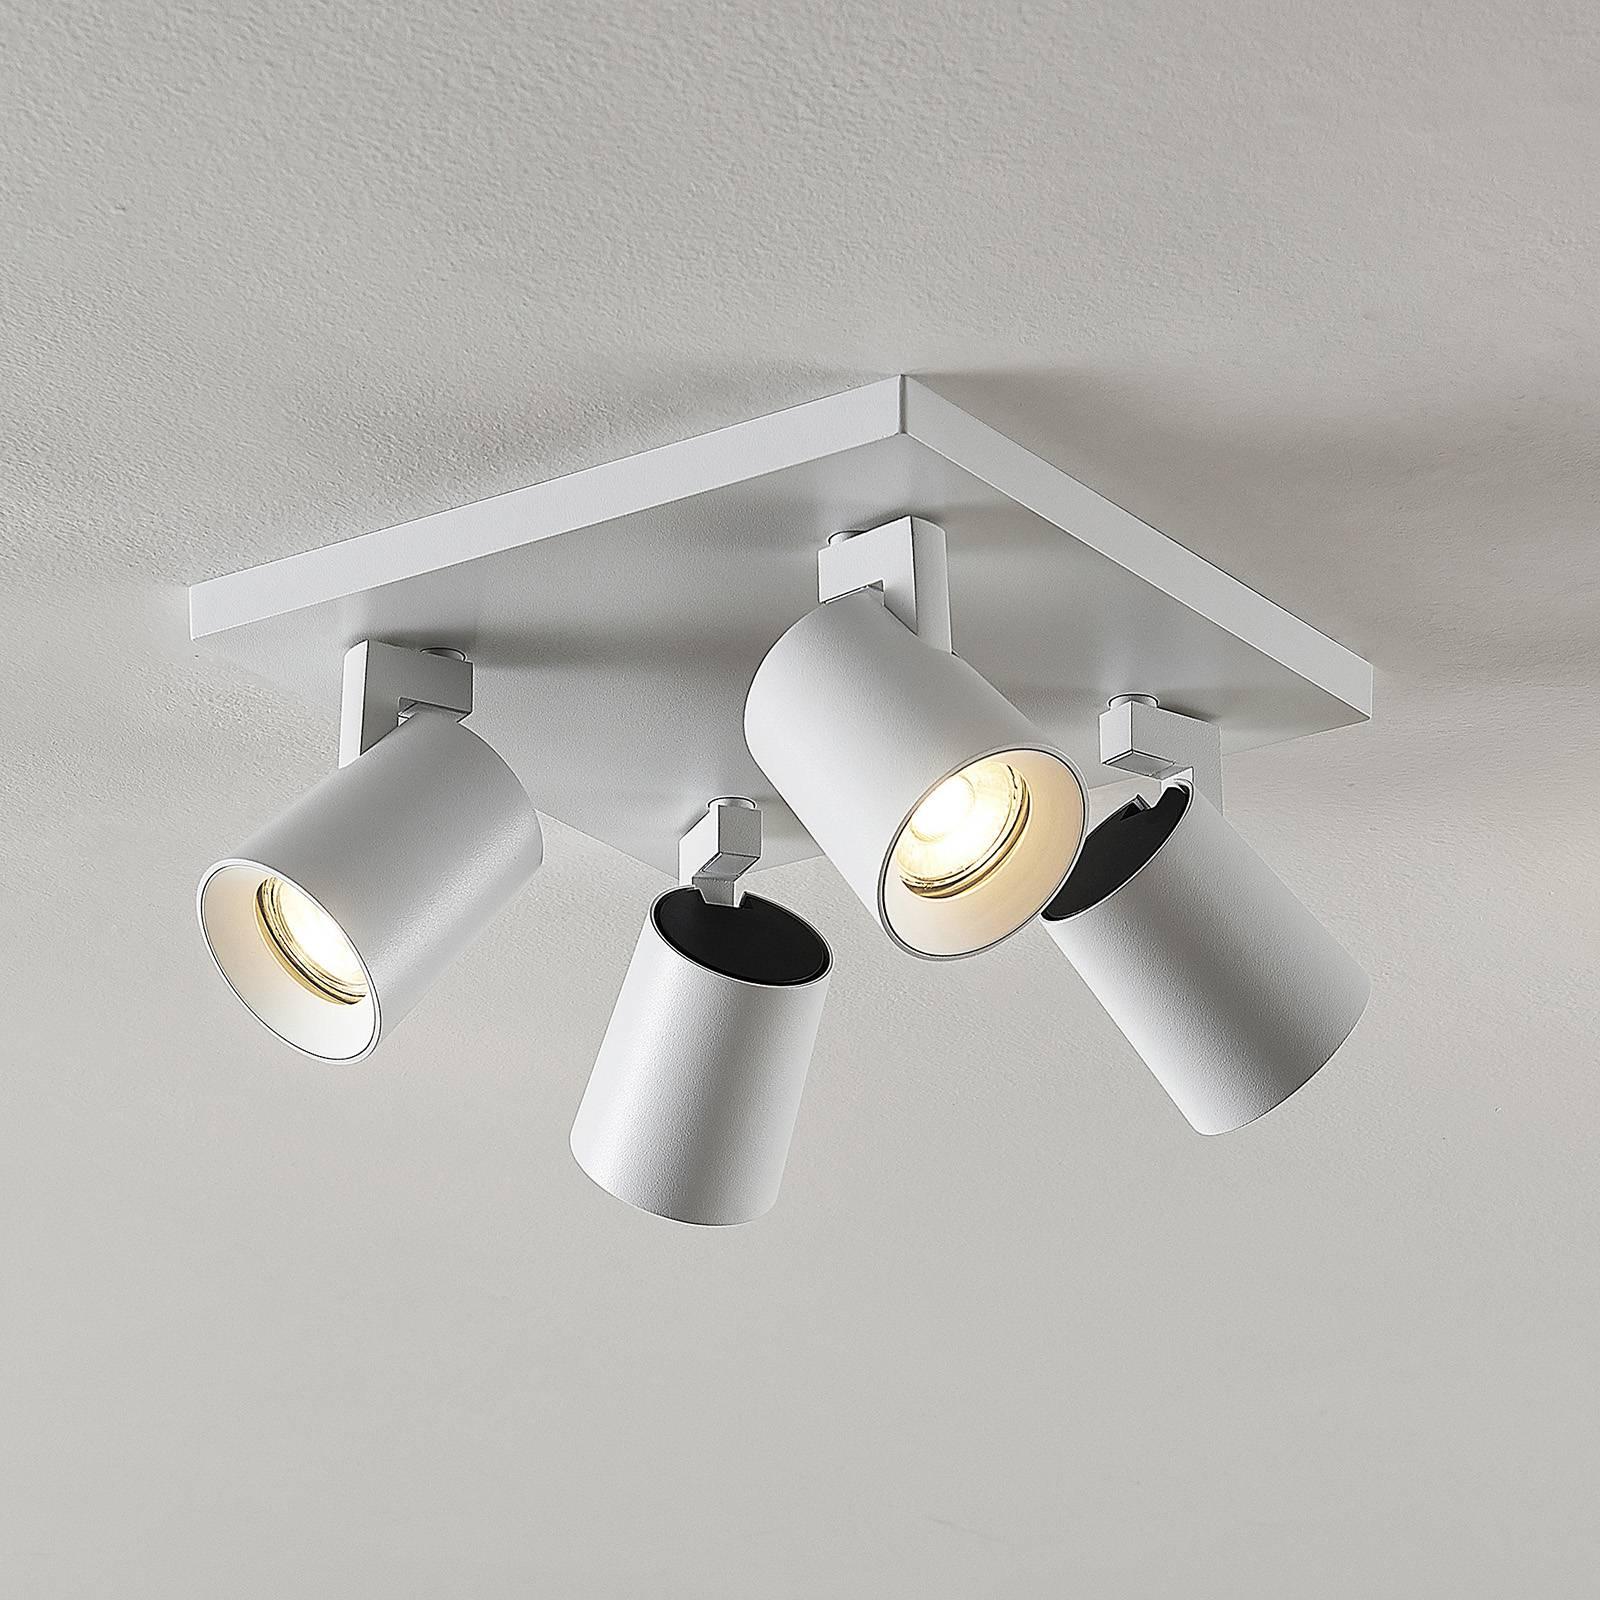 Arcchio Iavo-spotti kulmikas, valkoinen, 4 lamppua